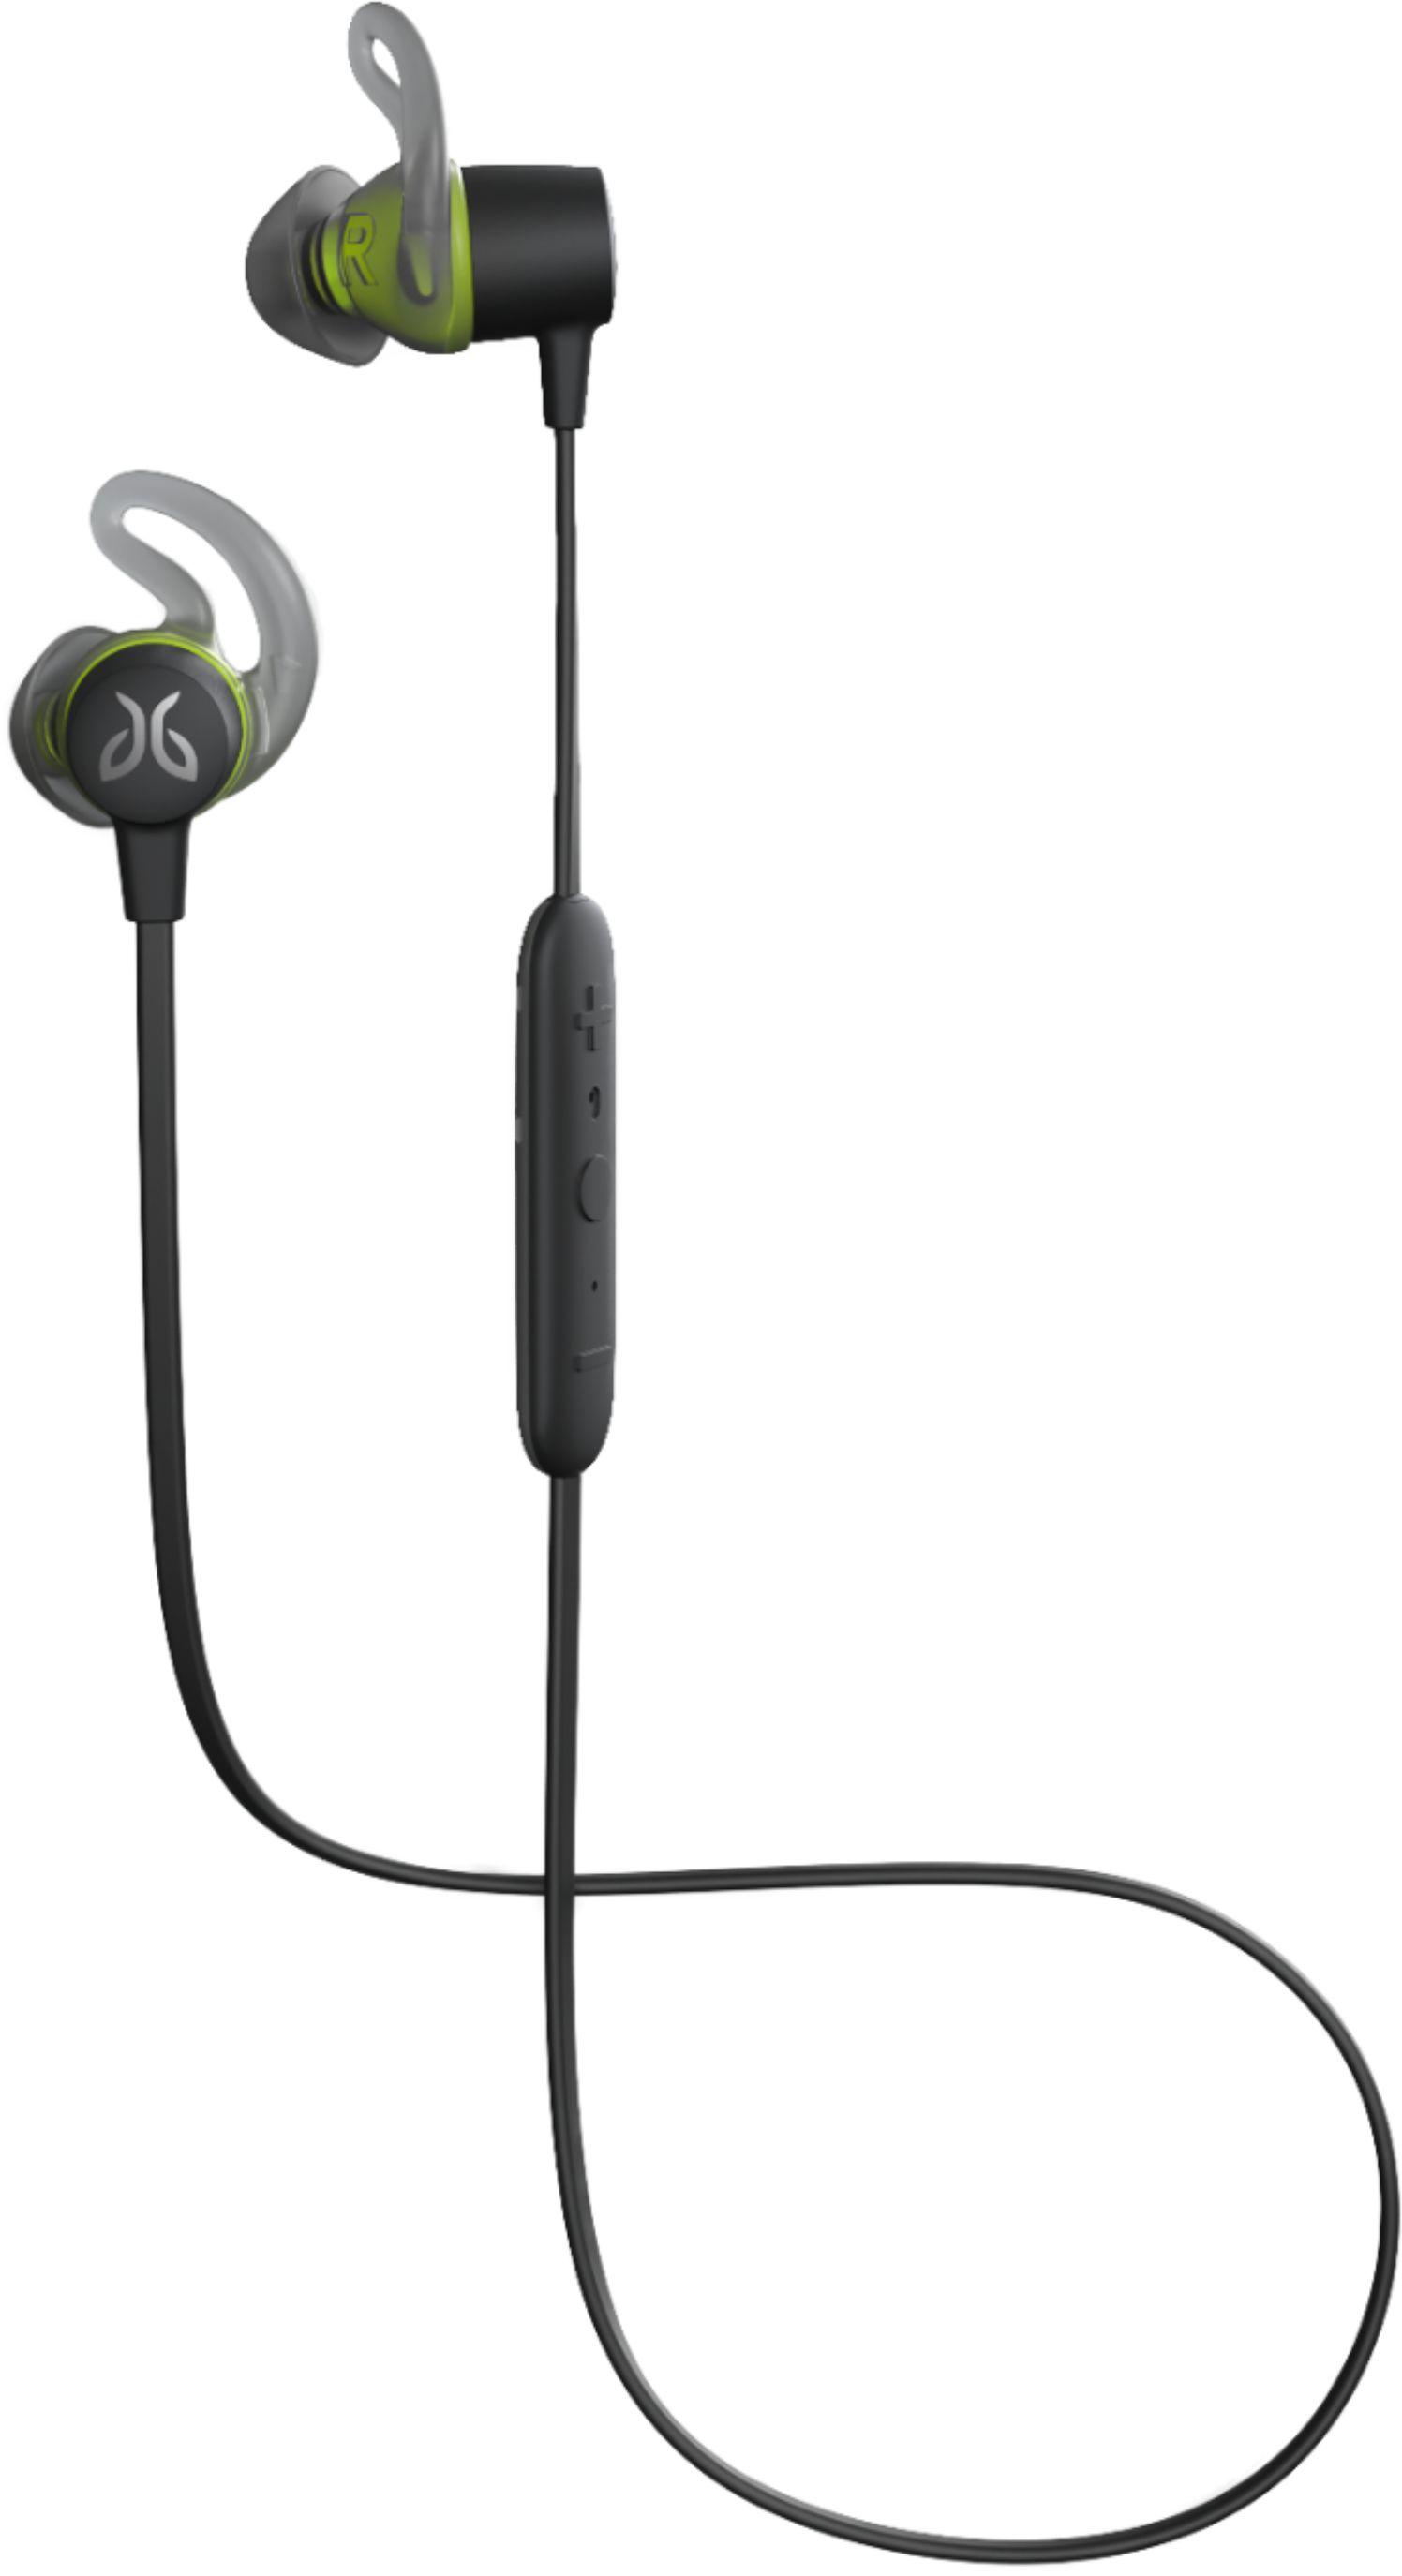 Jaybird - Tarah Wireless In-Ear Headphones - $45